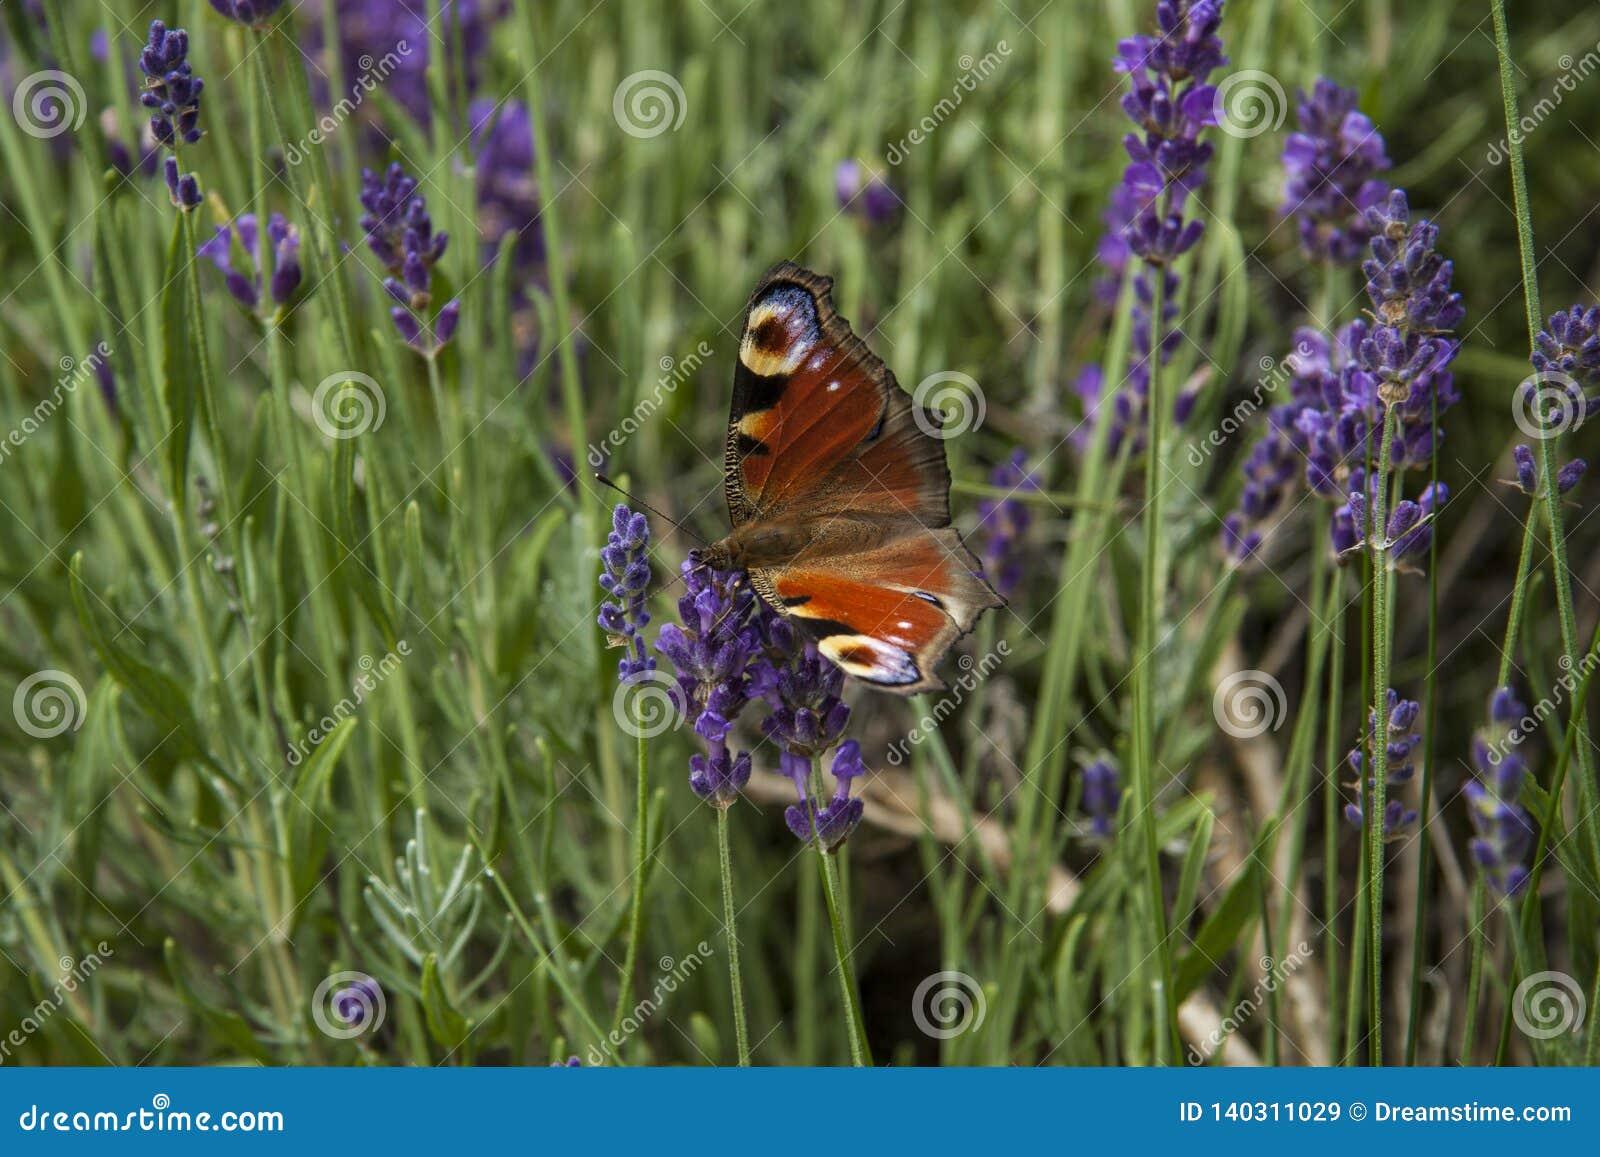 Oeil lumineux de paon de papillon d été sur les fleurs pourpres sensibles de la lavande